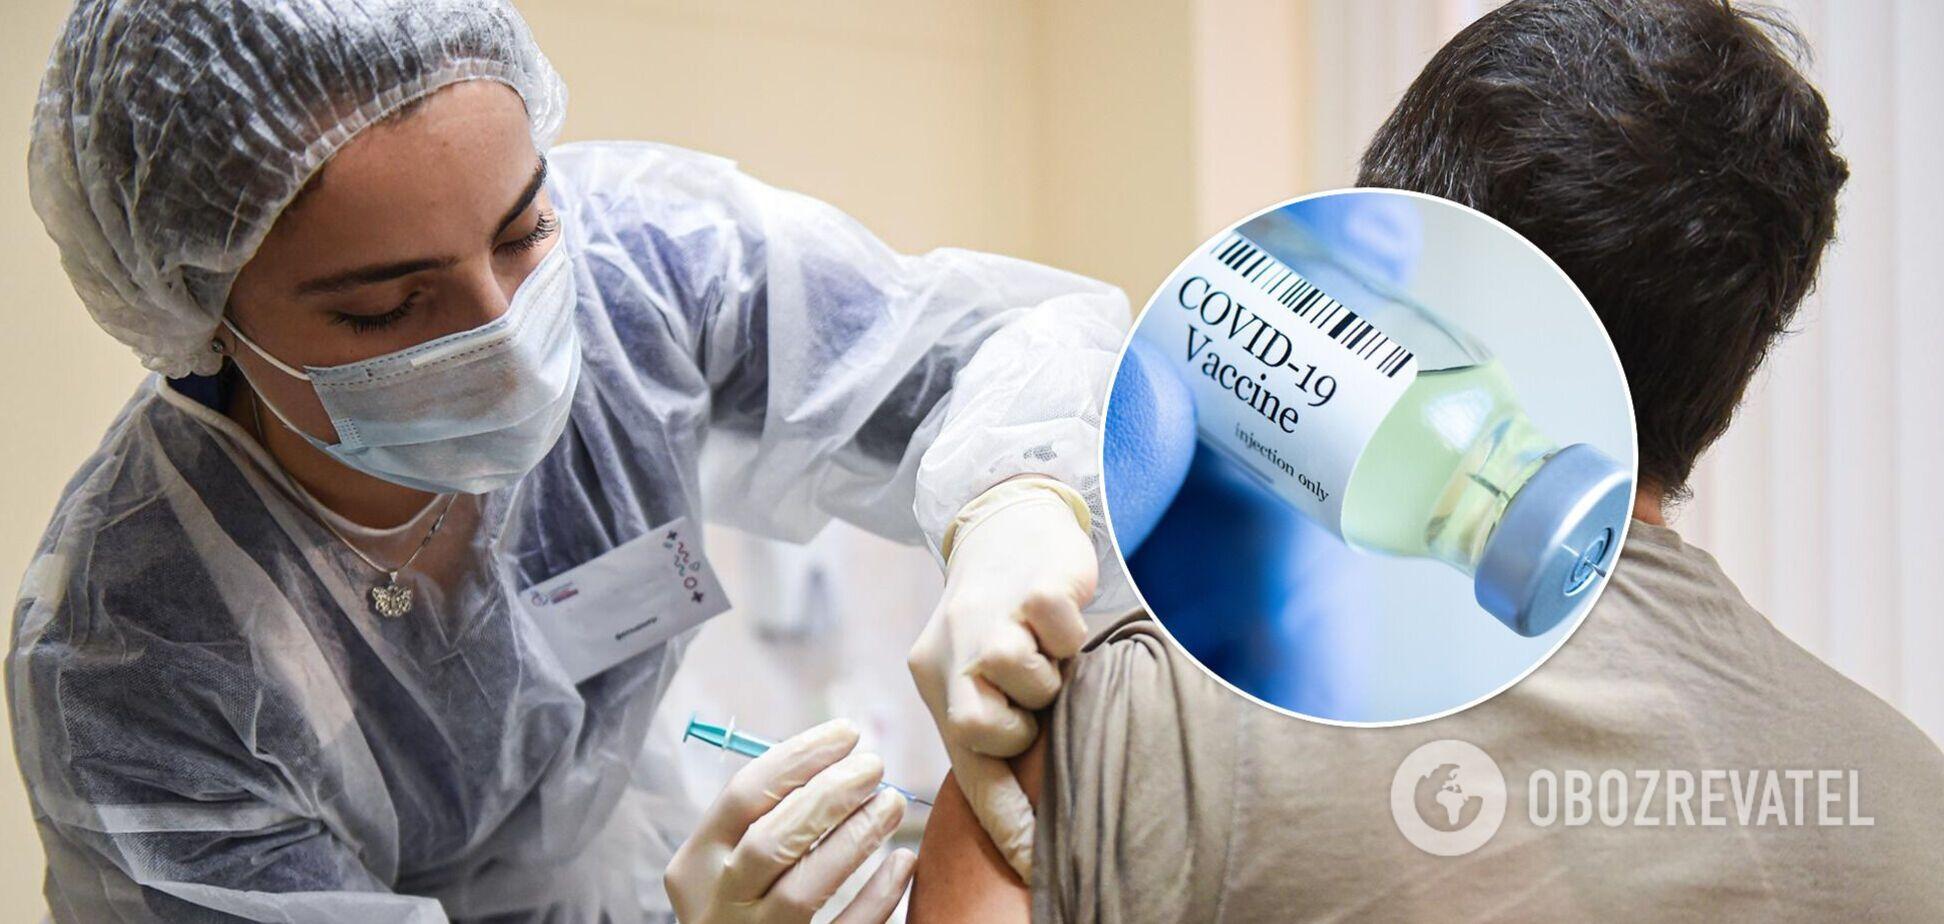 В Україні від коронавірусу вакцинували ще 36 тисяч осіб: де найменше